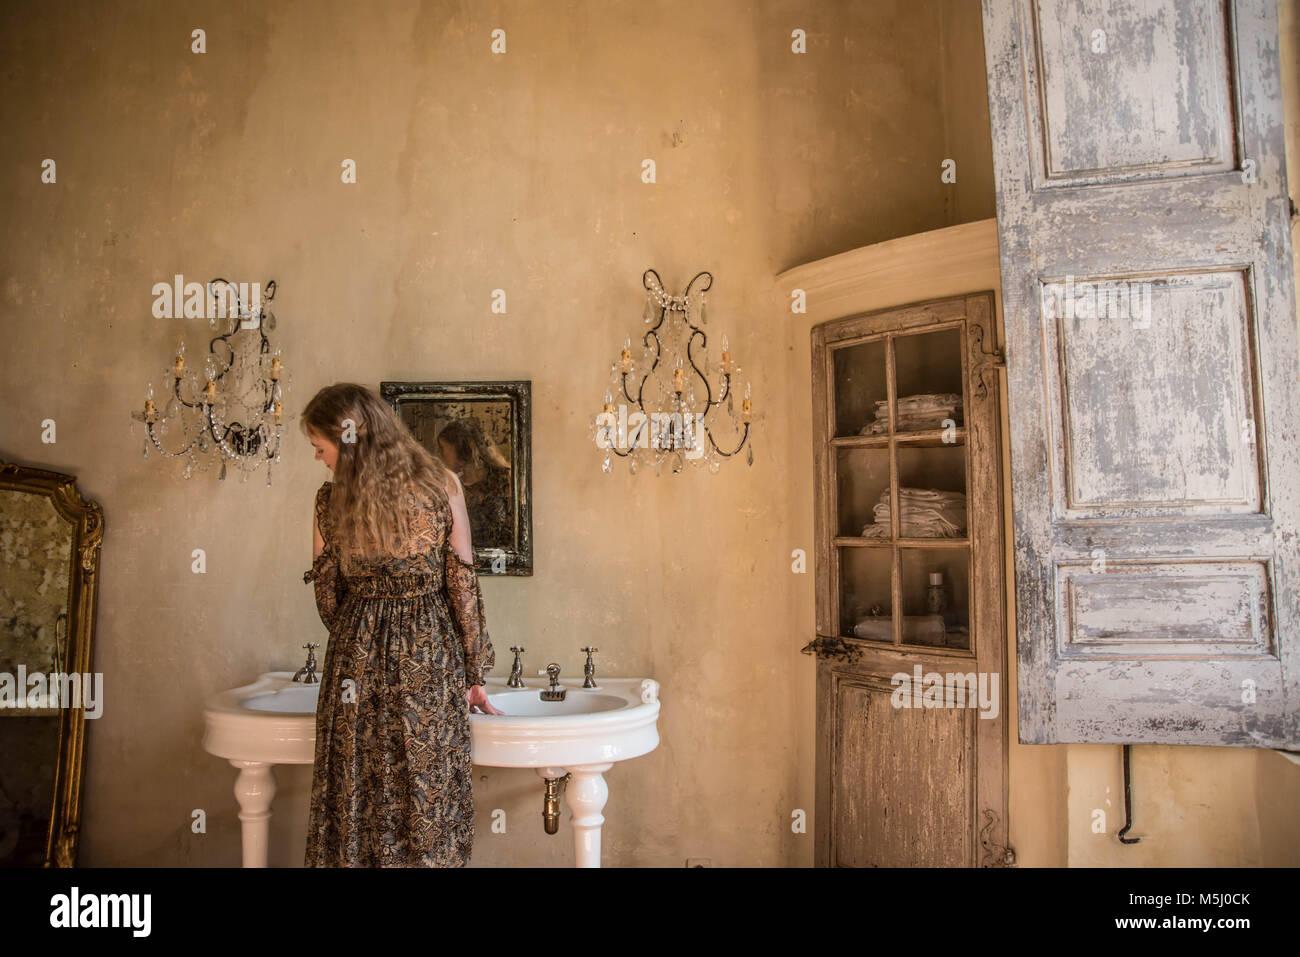 Sala Da Bagno Lusso : Crogiolarsi nel lusso una donna da solo in una grande sala da